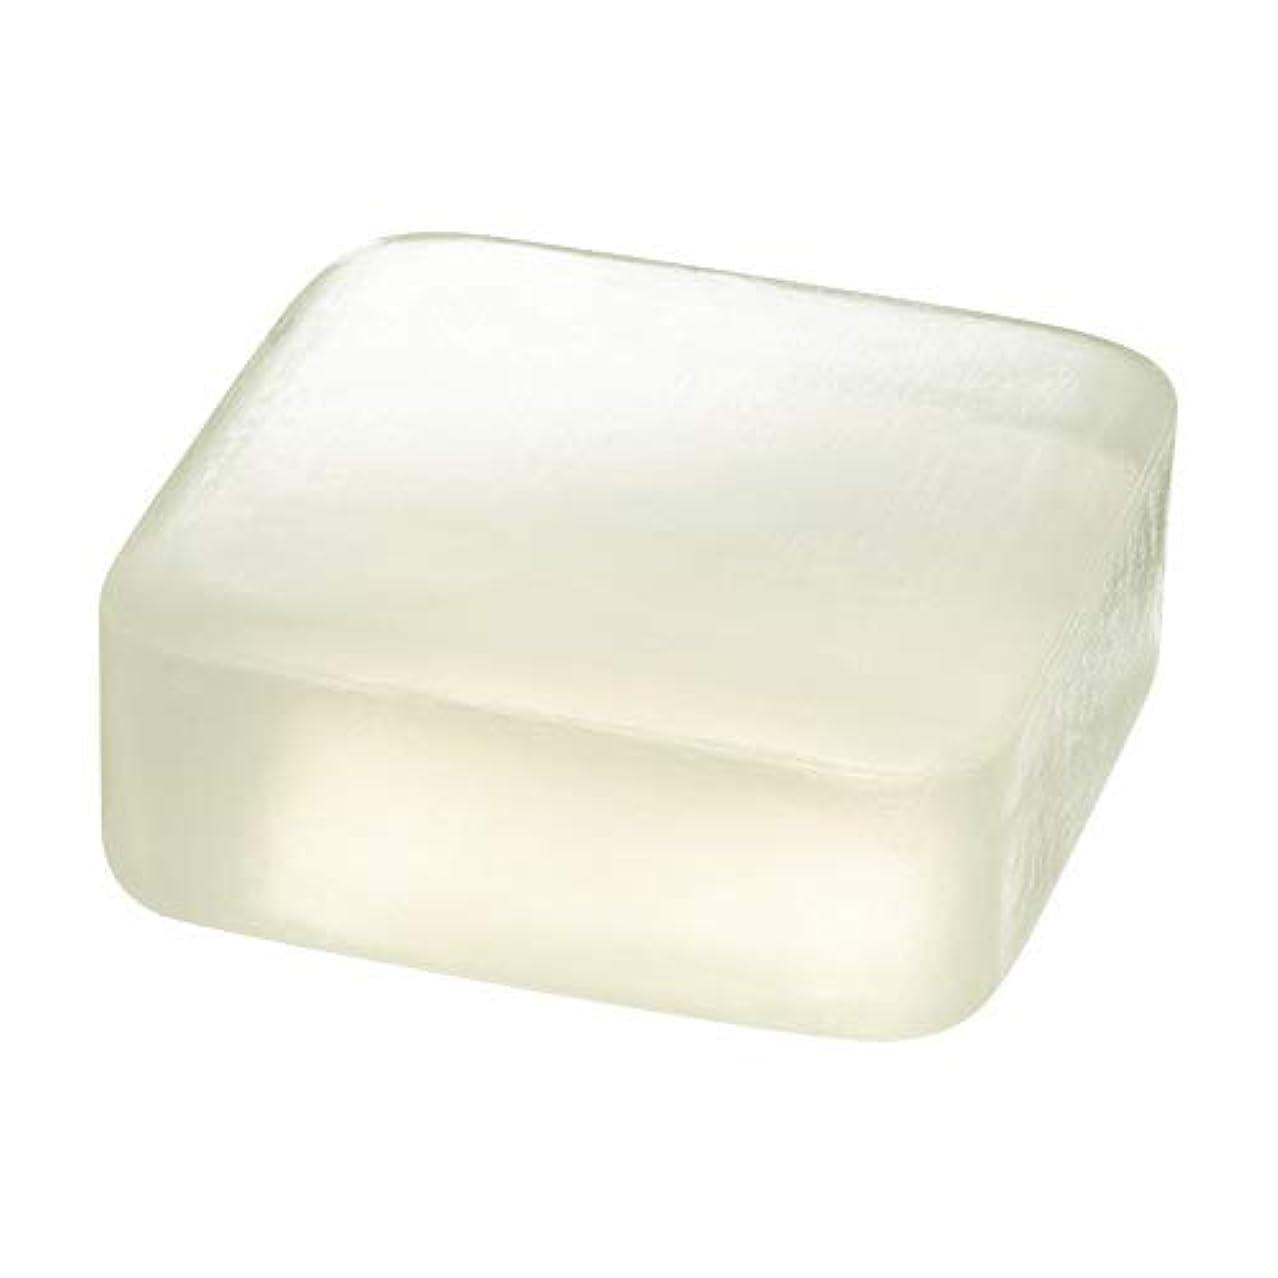 放棄慰めにぎやかETVOS(エトヴォス) 洗顔せっけん クリアソープバー 80g 透明枠練り石鹸 セラミド 濃密泡 毛穴汚れ/黒ずみ